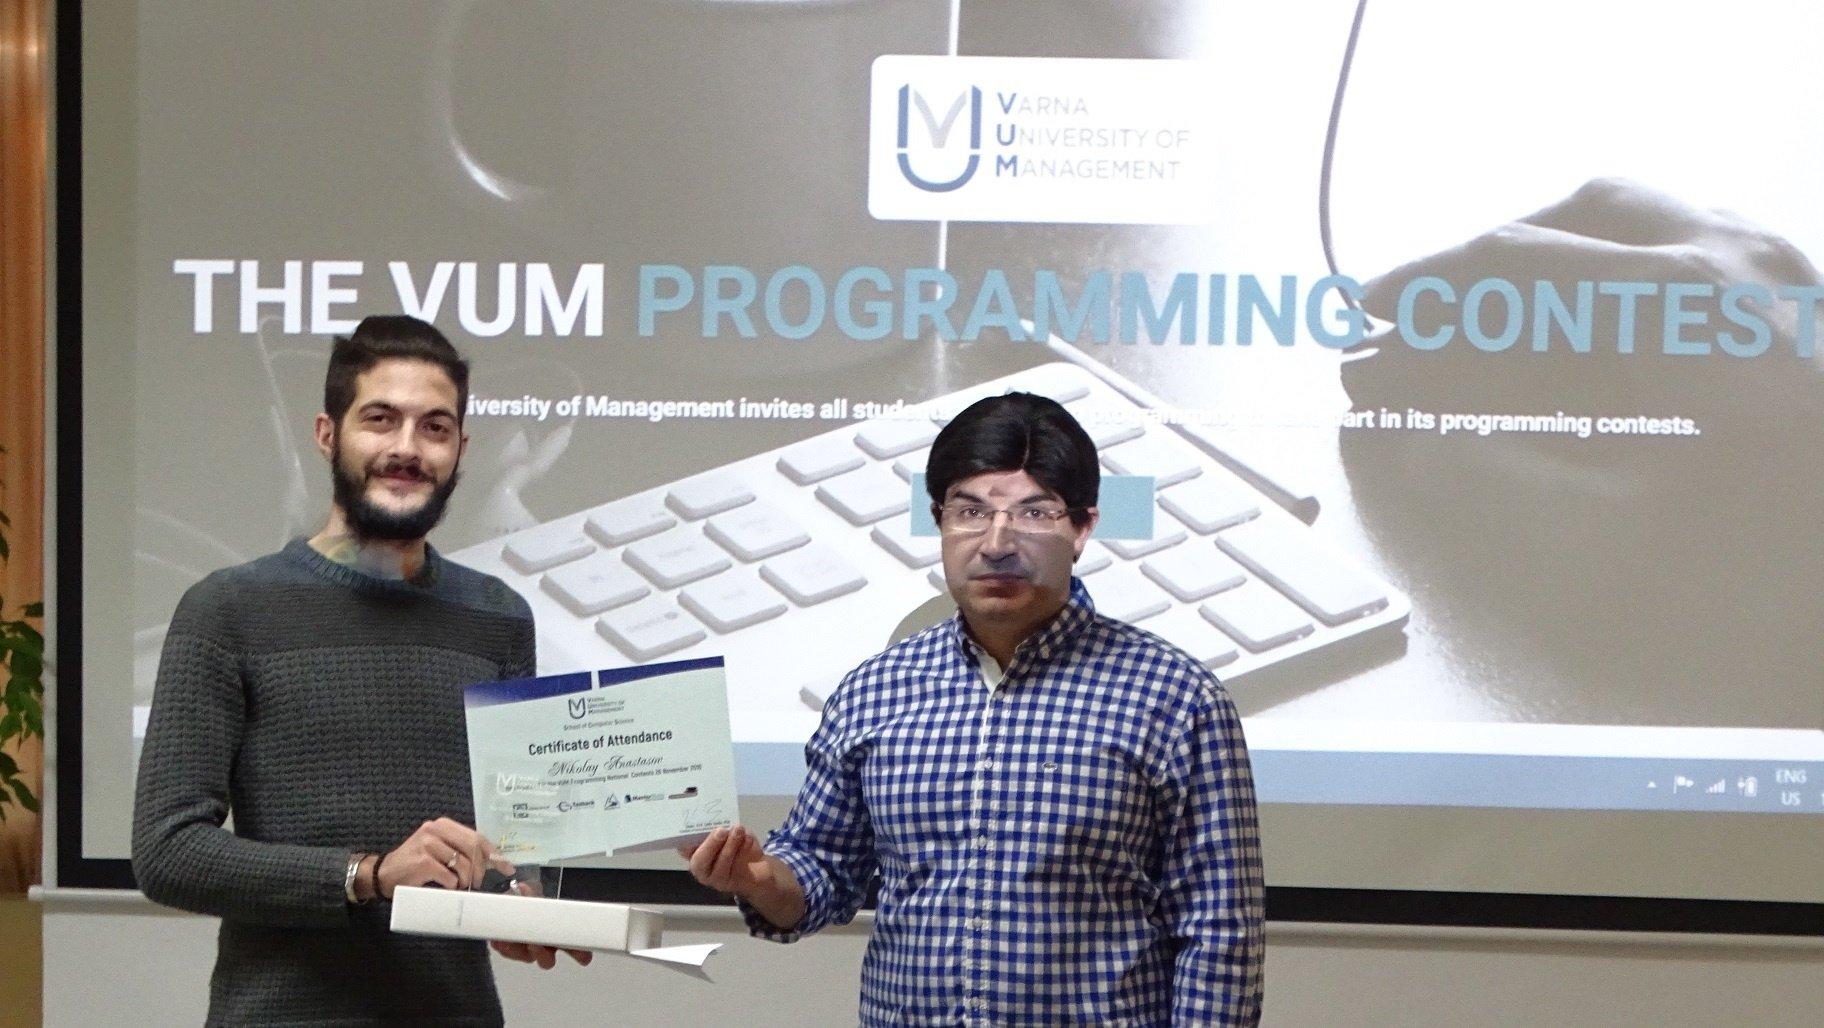 winner in the VUM programming contest